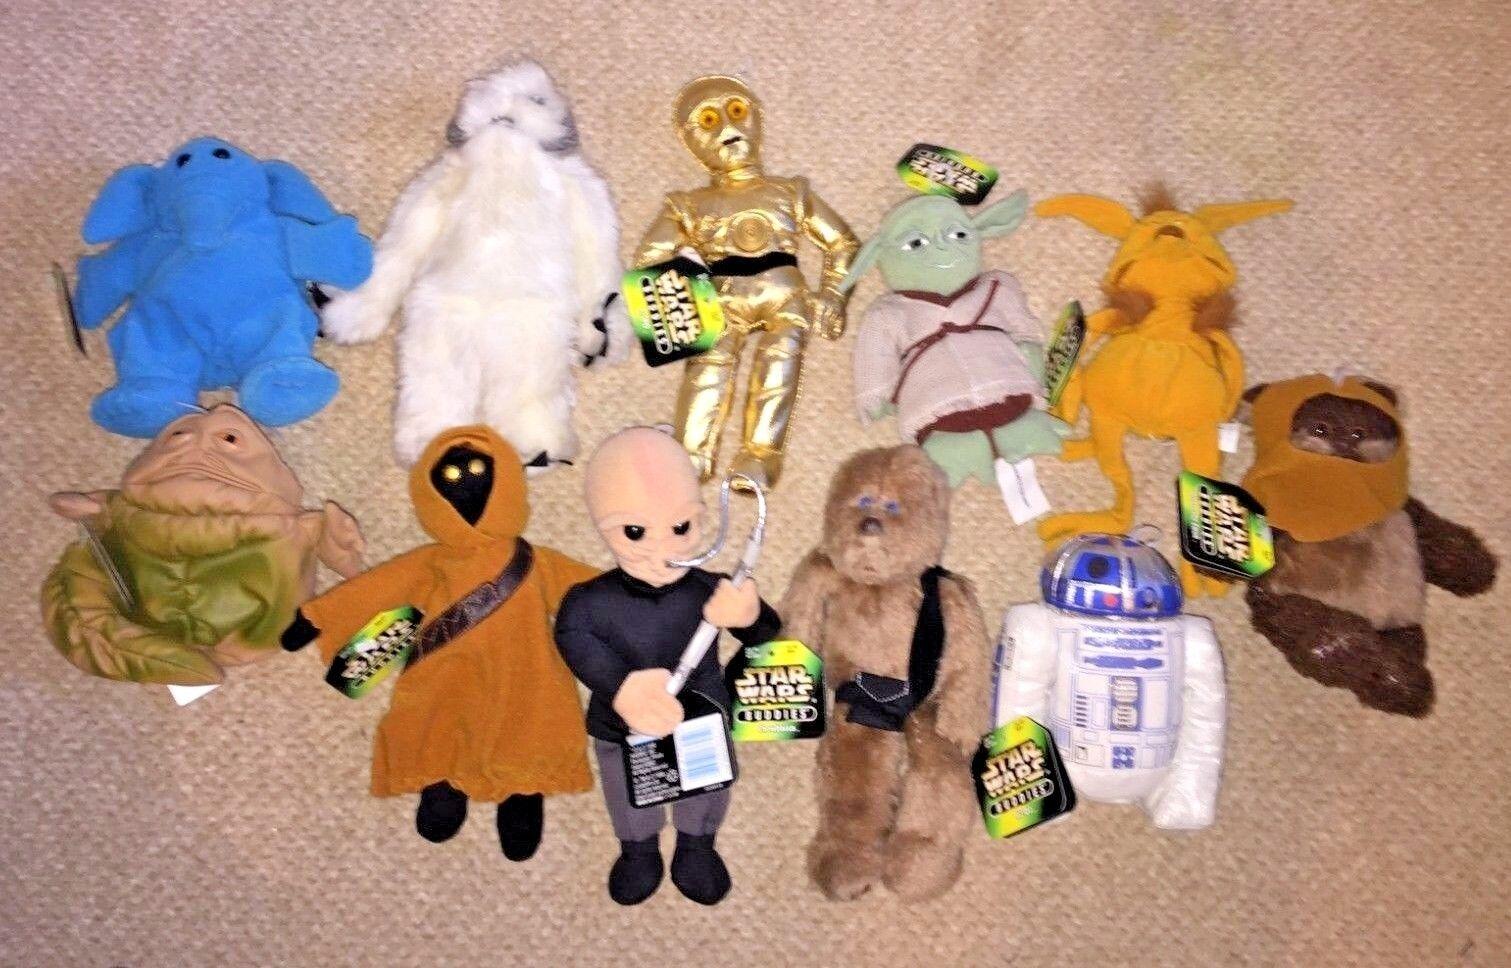 Vintage Star Wars Buddies Collection - Kenner Kenner Kenner 1997 Soft Toy Beanie Plush 59c036